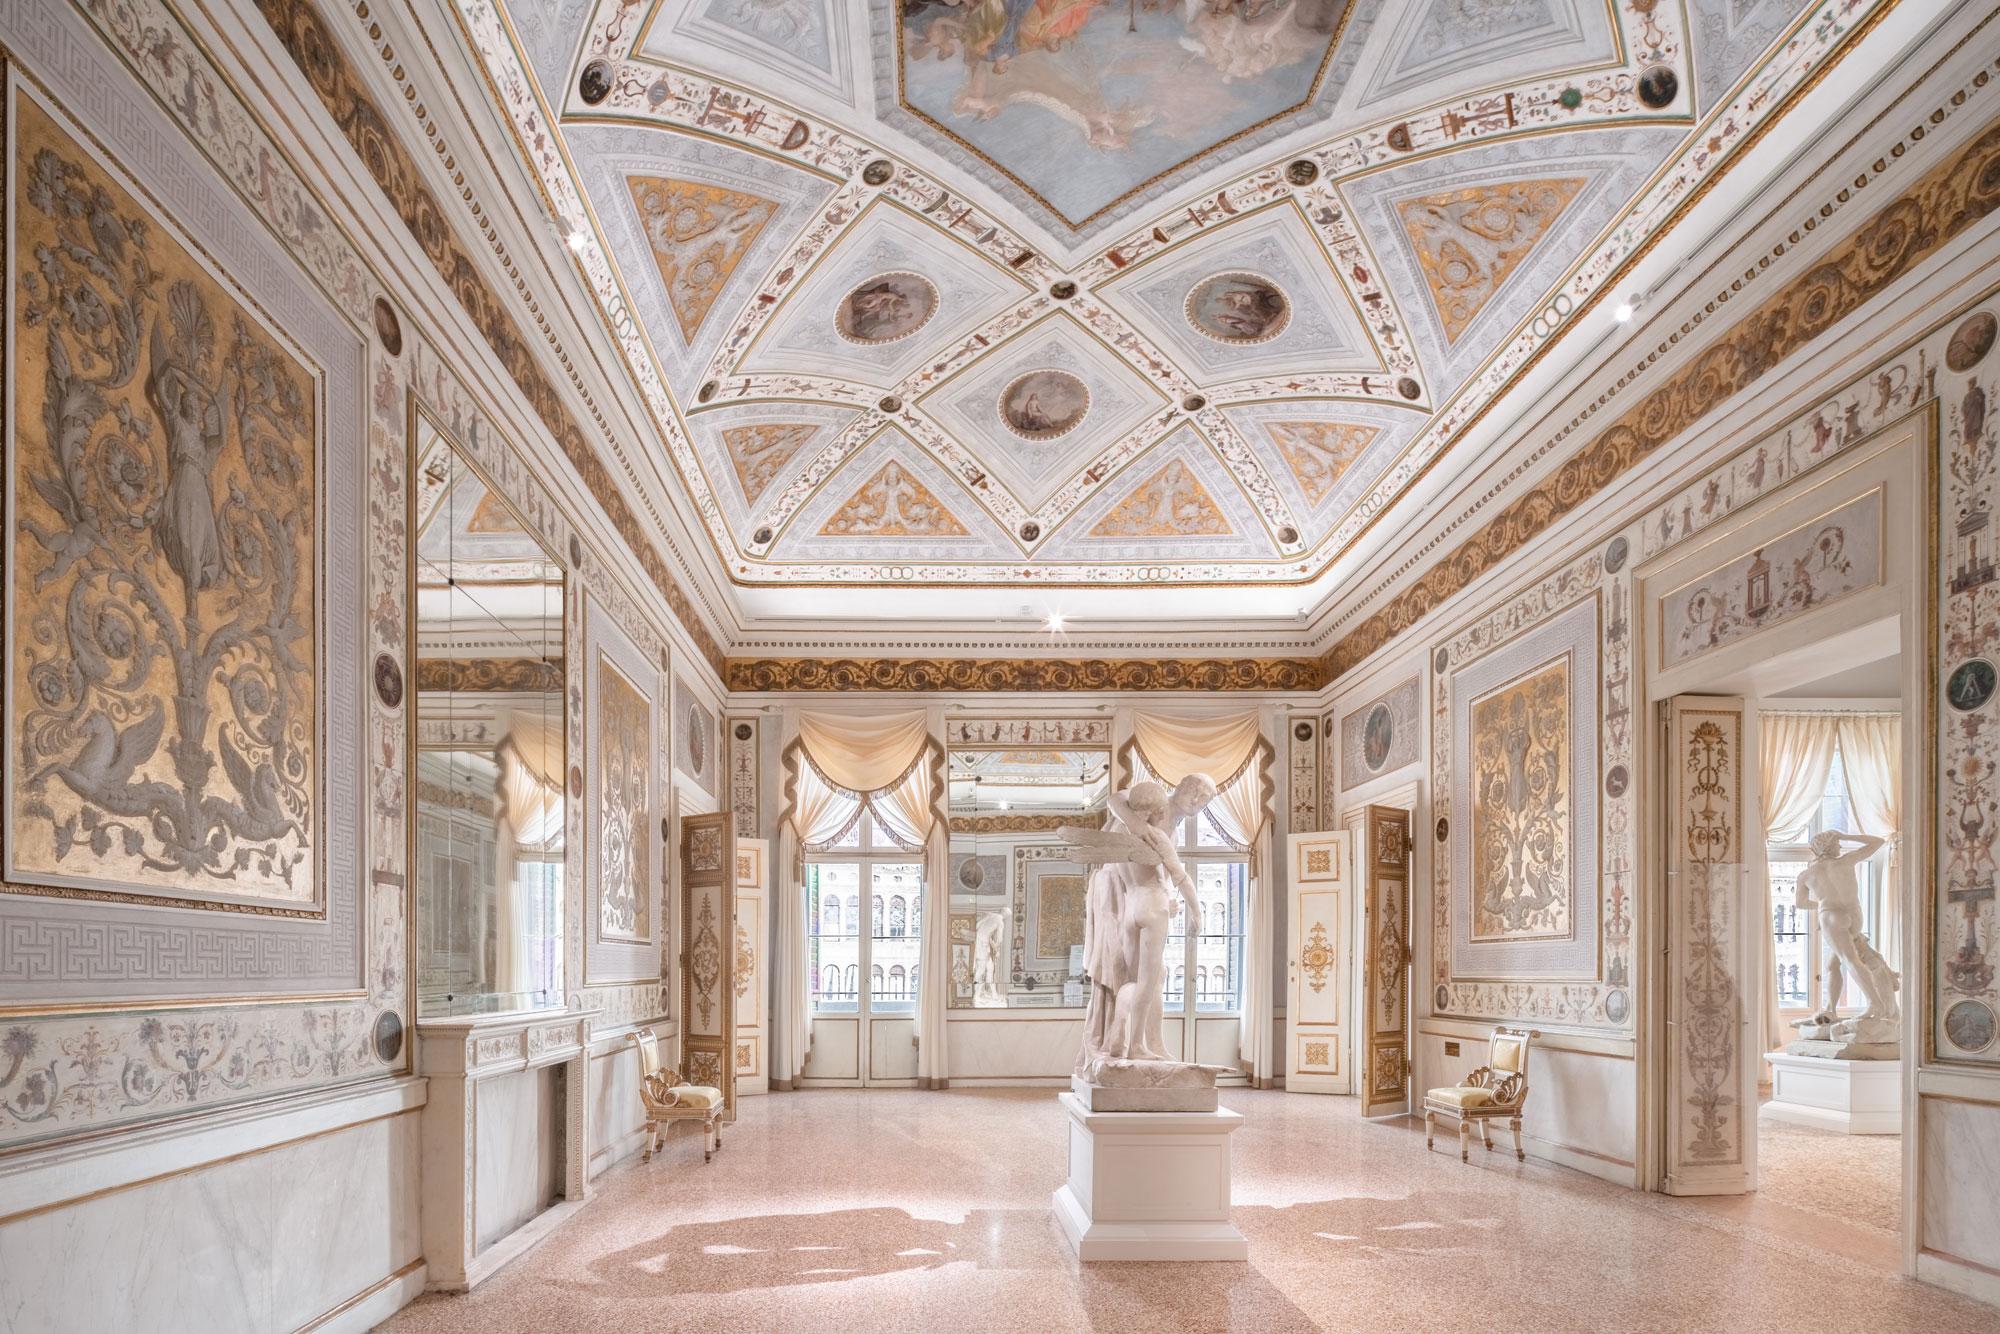 Dalla grande mostra sul Carpaccio alla nuova quadreria di Palazzo Ducale, ecco il programma 2020 dei musei di Venezia